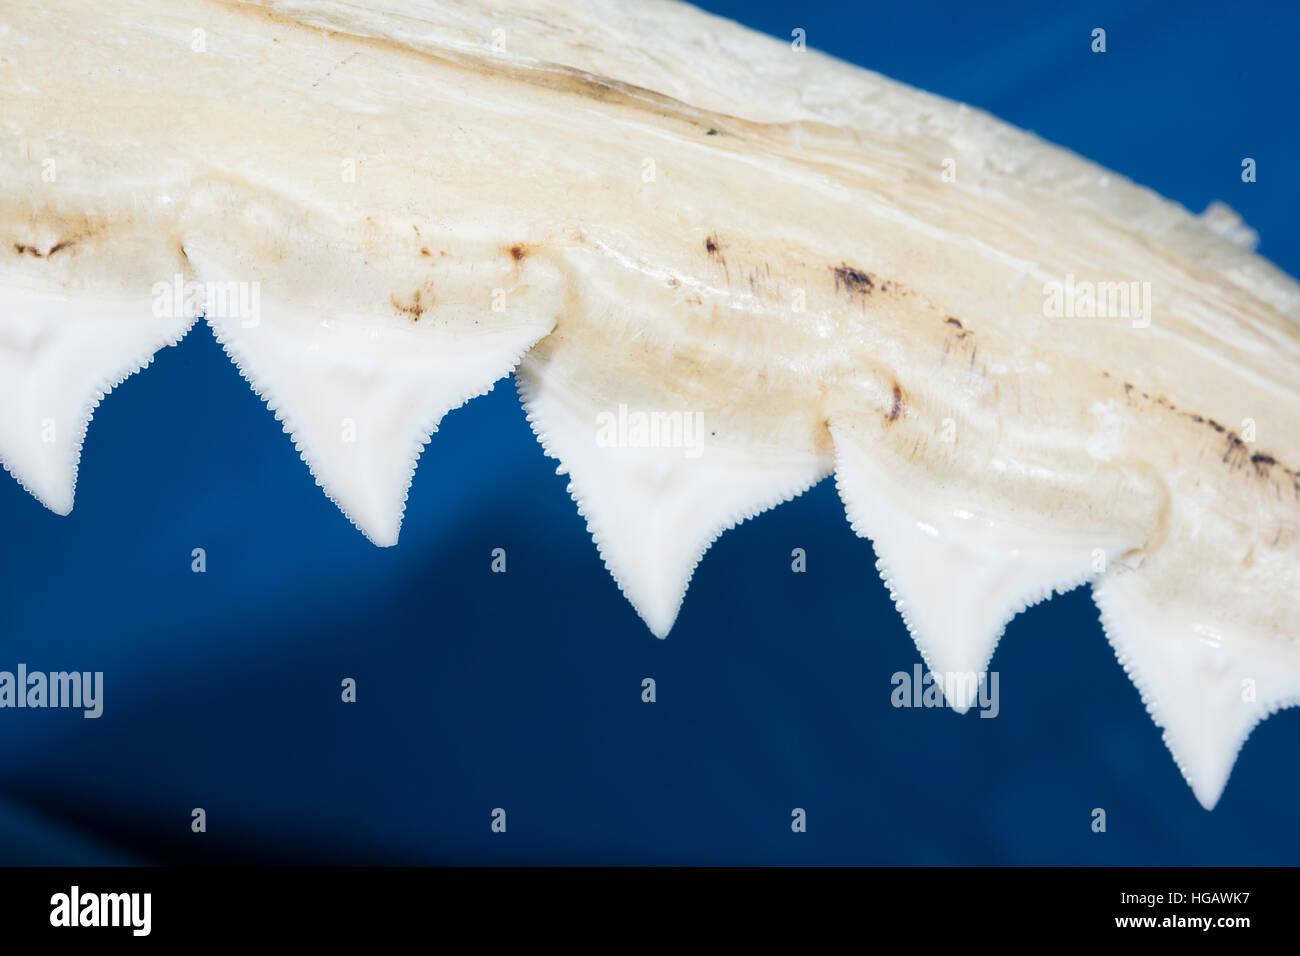 gezackte Zähne im Oberkiefer der Bullenhai, Carcharhinus Leucas, zum greifen und zerreißen große Beutetiere, Birch Aquarium, La Jolla, Kalifornien Stockfoto